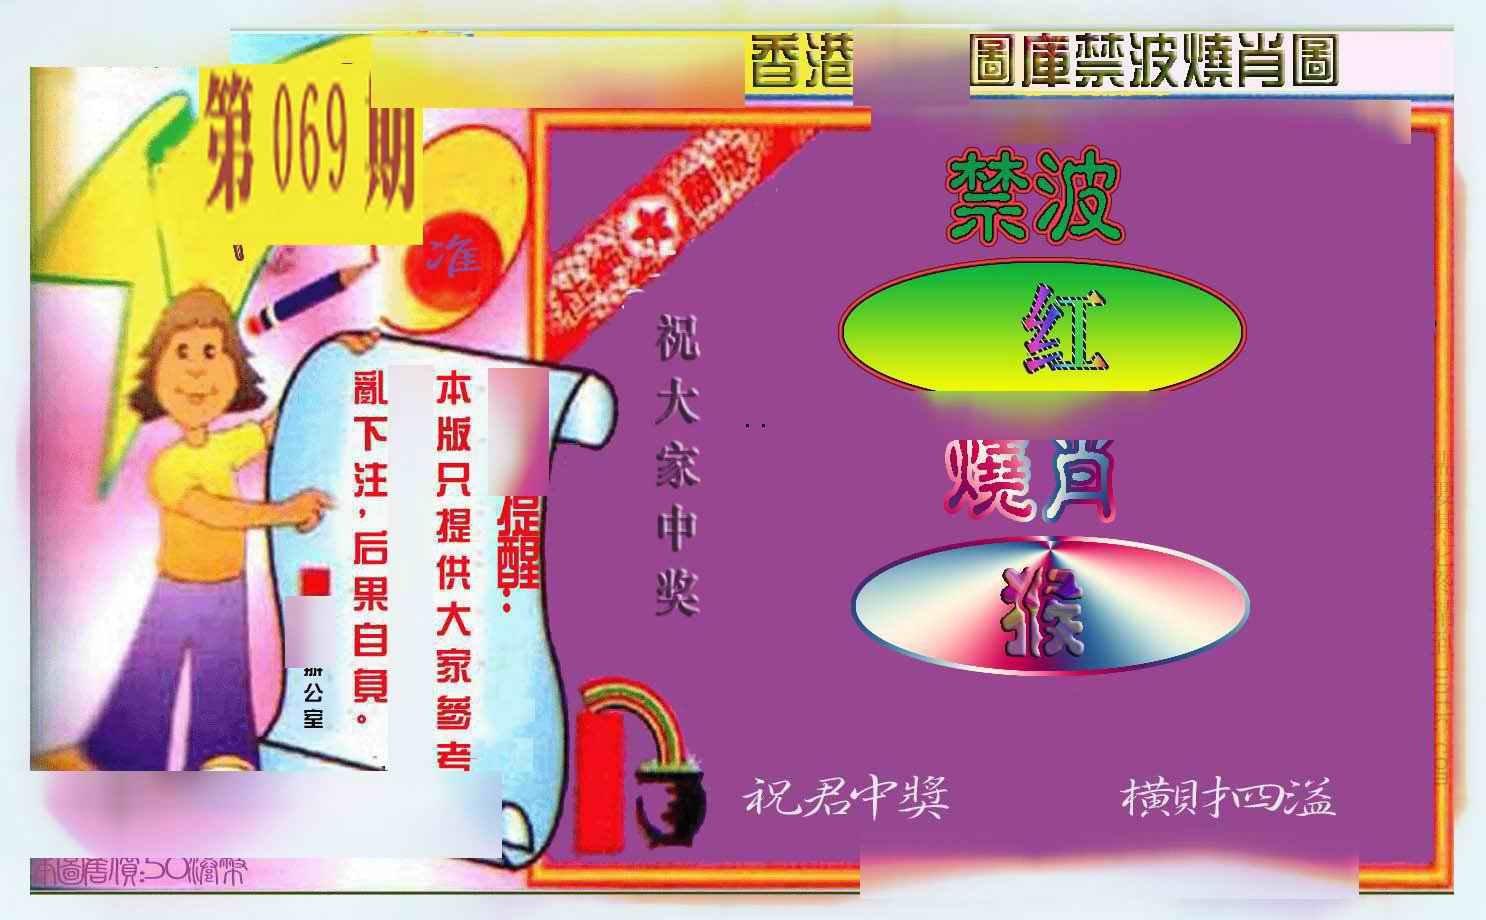 069期禁波烧肖图